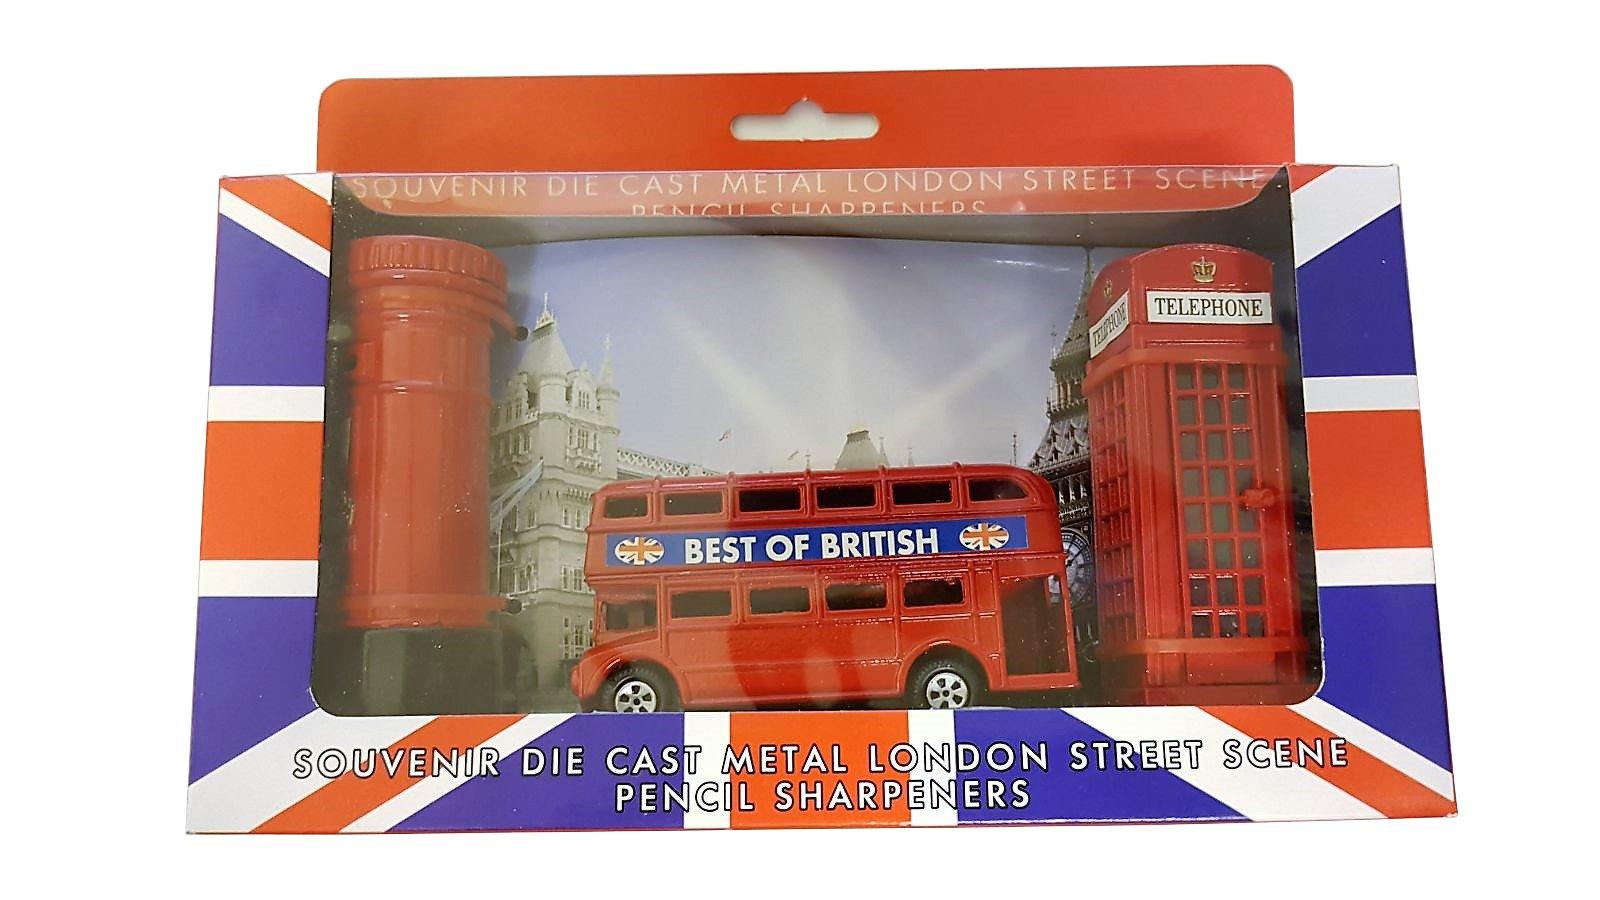 Londres calle escena - Juego de 3 sacapuntas Metal fundido/rojo caja de teléfono/Routemaster/de autobús de dos pisos caja de correos británica/ UK Souvenir/Unión Jack Box/para escuela oficina casa: Amazon.es: Oficina y papelería